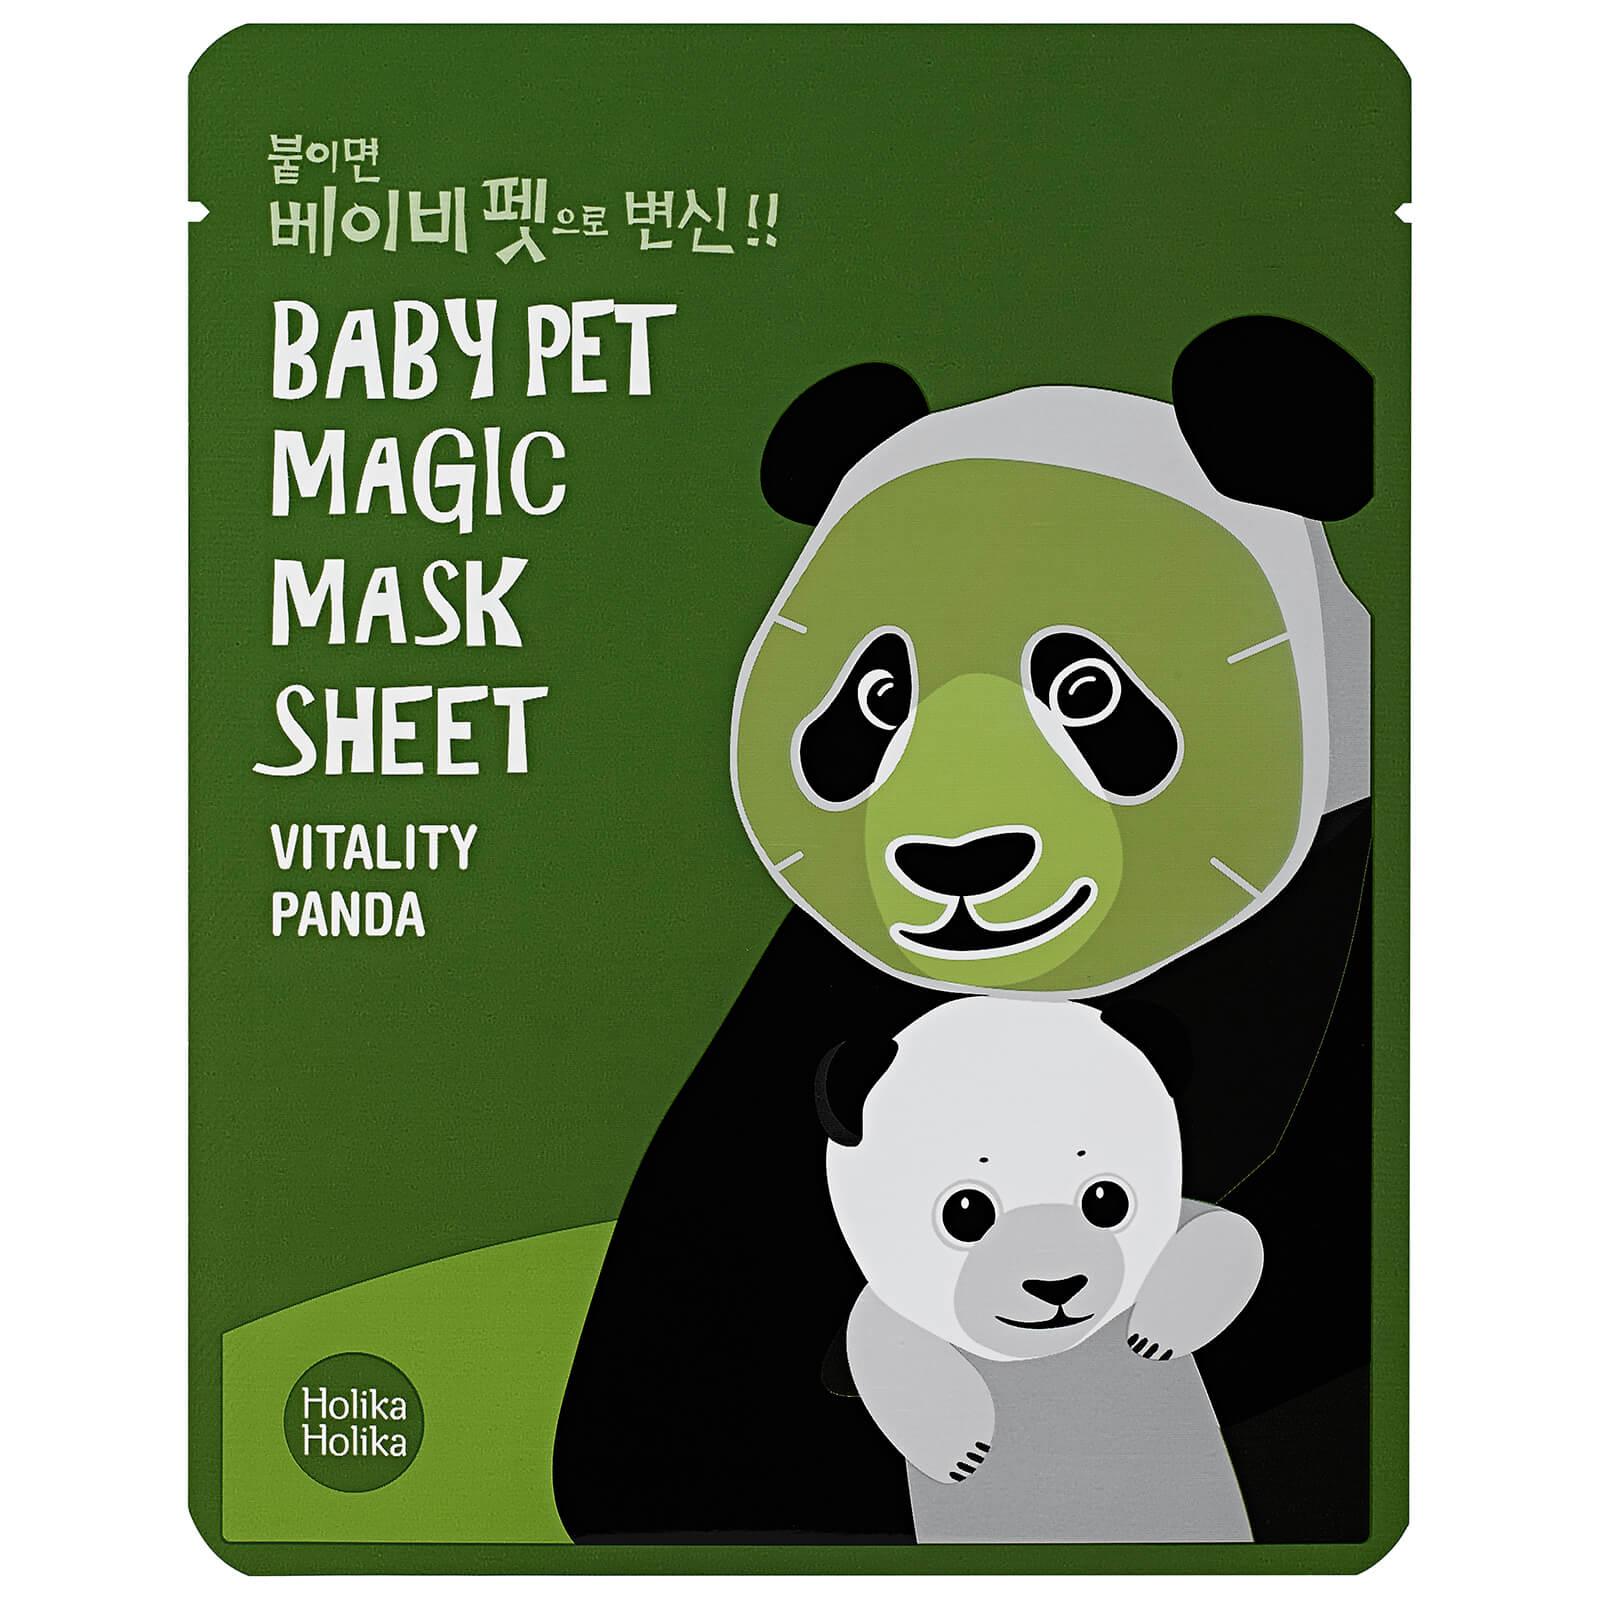 Купить Тканевая маска-мордочка против темных кругов под глазами Holika Holika Baby Pet Magic Mask Sheet (панда)